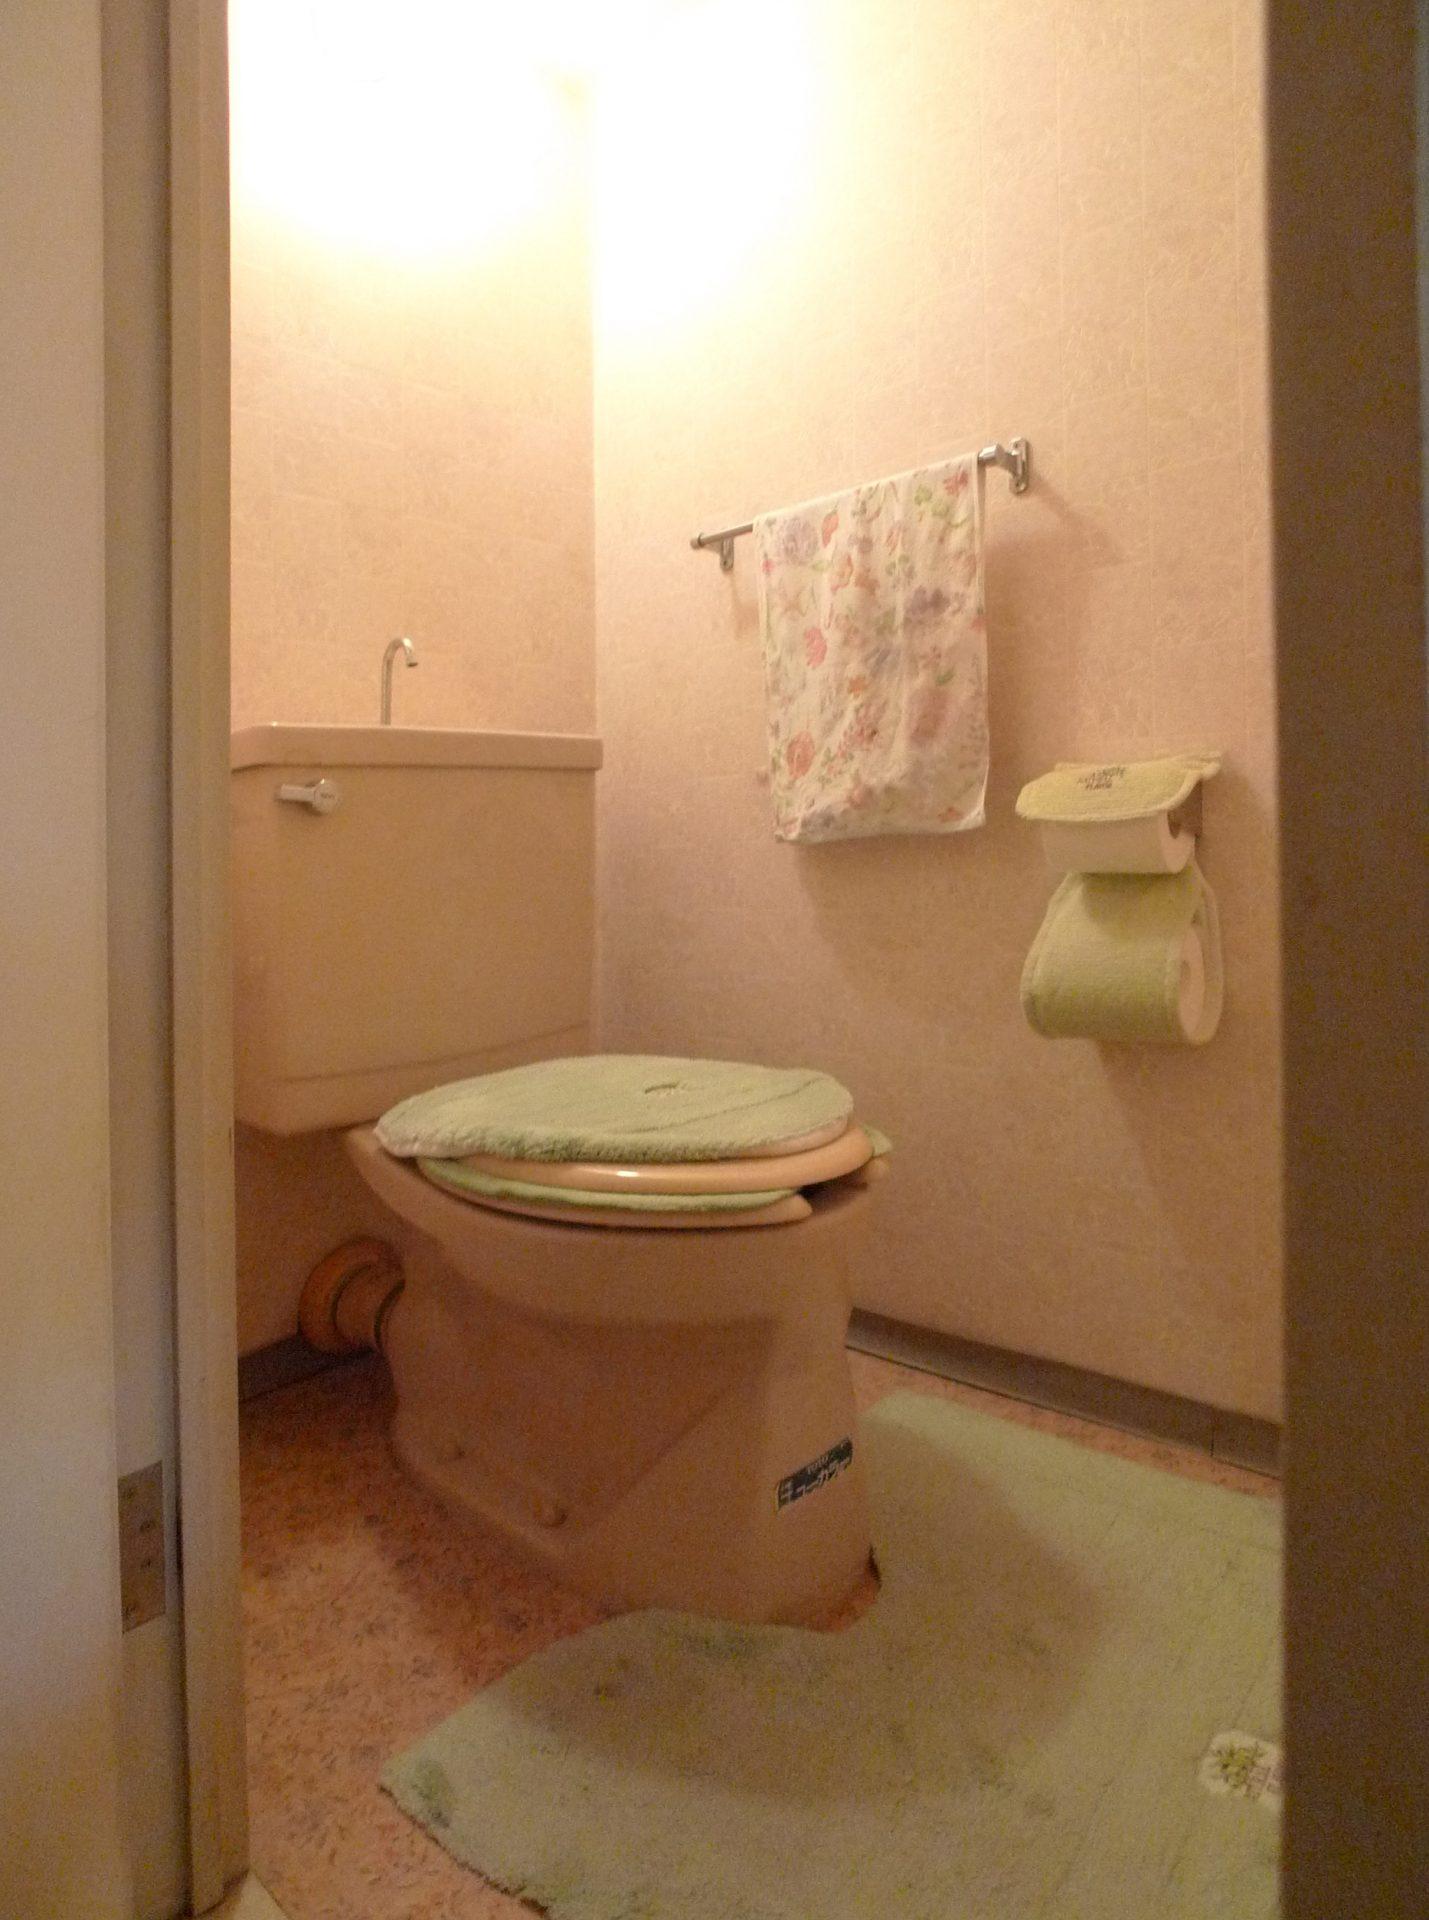 Before トイレのお掃除が大変、汚れがつきにくいトイレを希望でした。